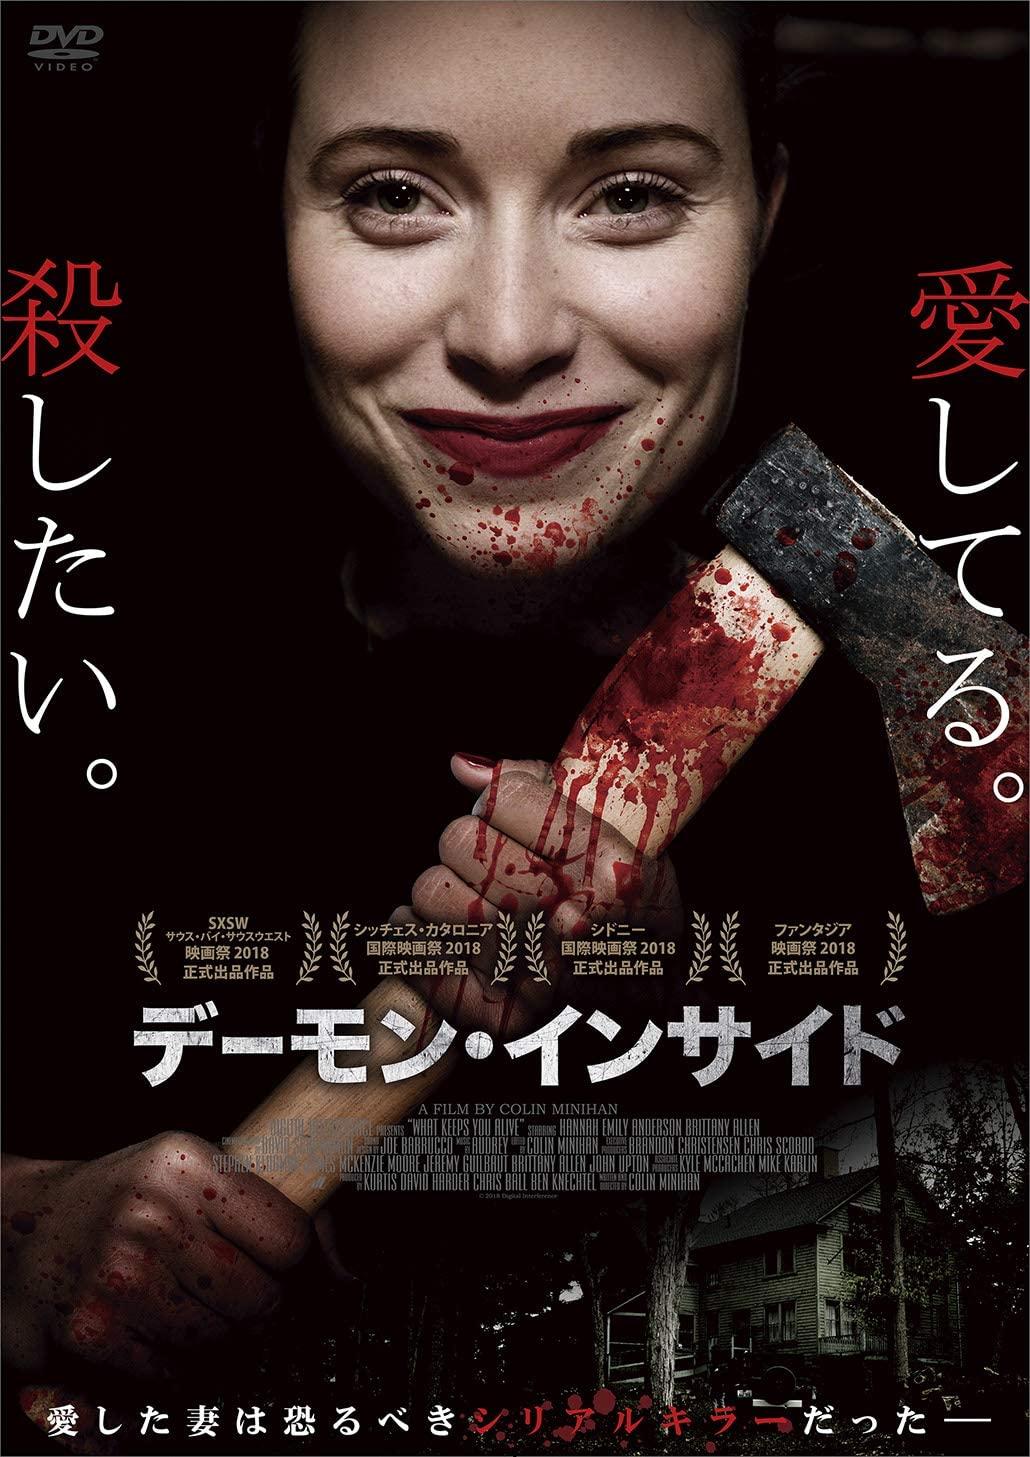 映画『デーモン・インサイド』のポスター